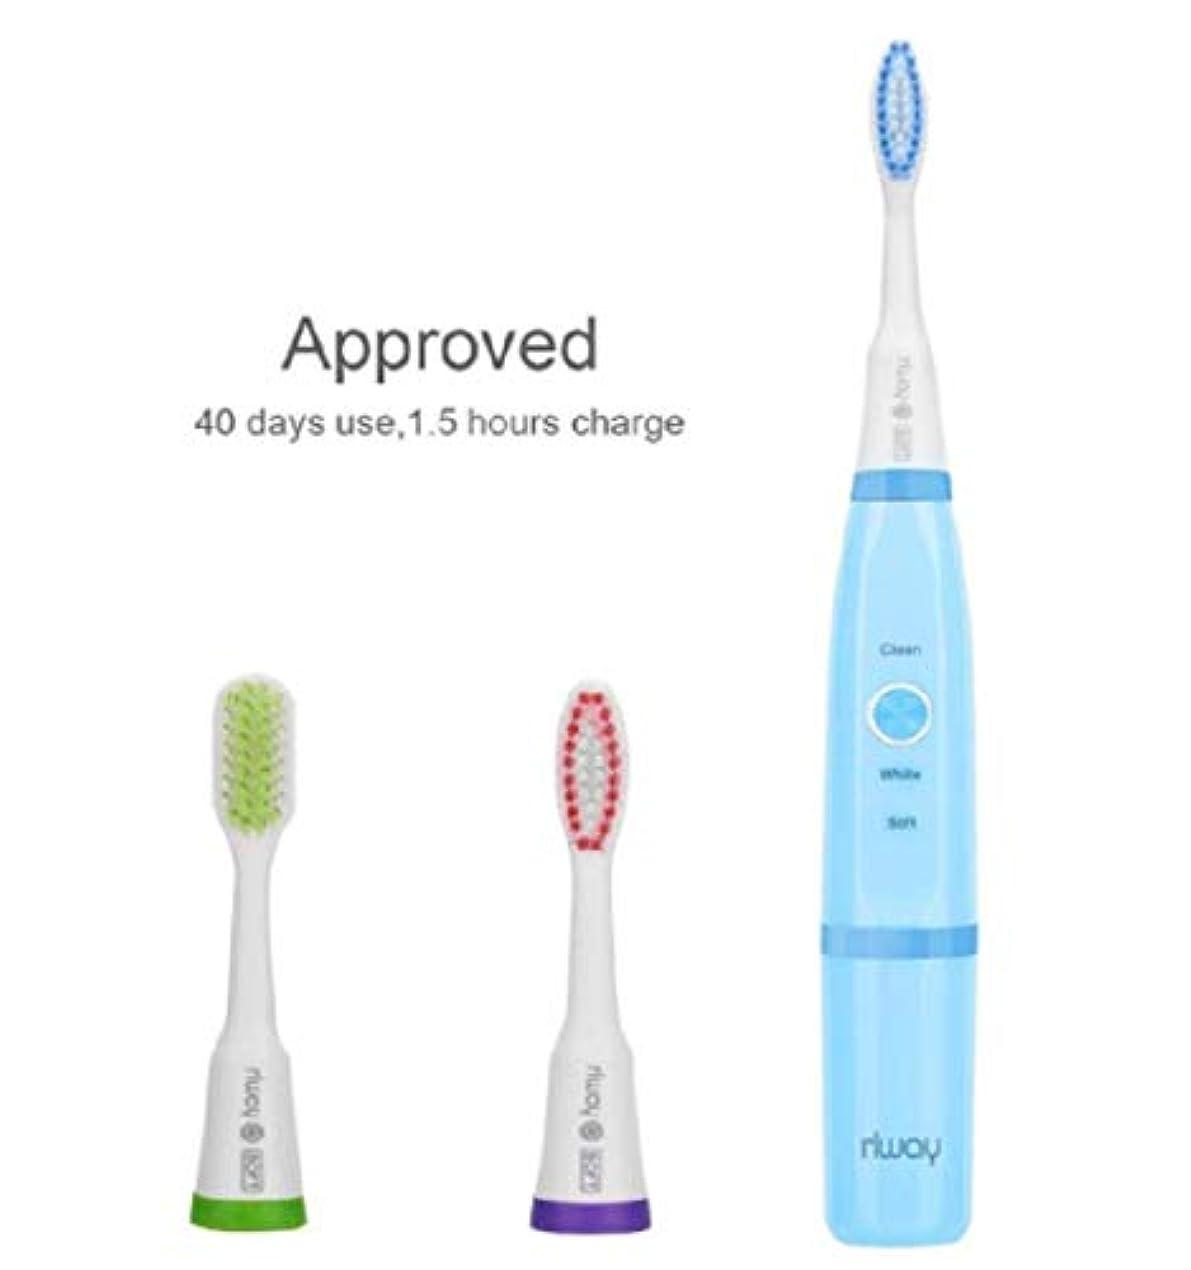 ベイビー定刻の前で電動歯ブラシ rlway 超音波電動歯ブラシ IPX7防水 USB充電式 替えブラシ3本 プロテクトクリーン 歯ブラシ ハブラシ 子供大人に適用 ブルー